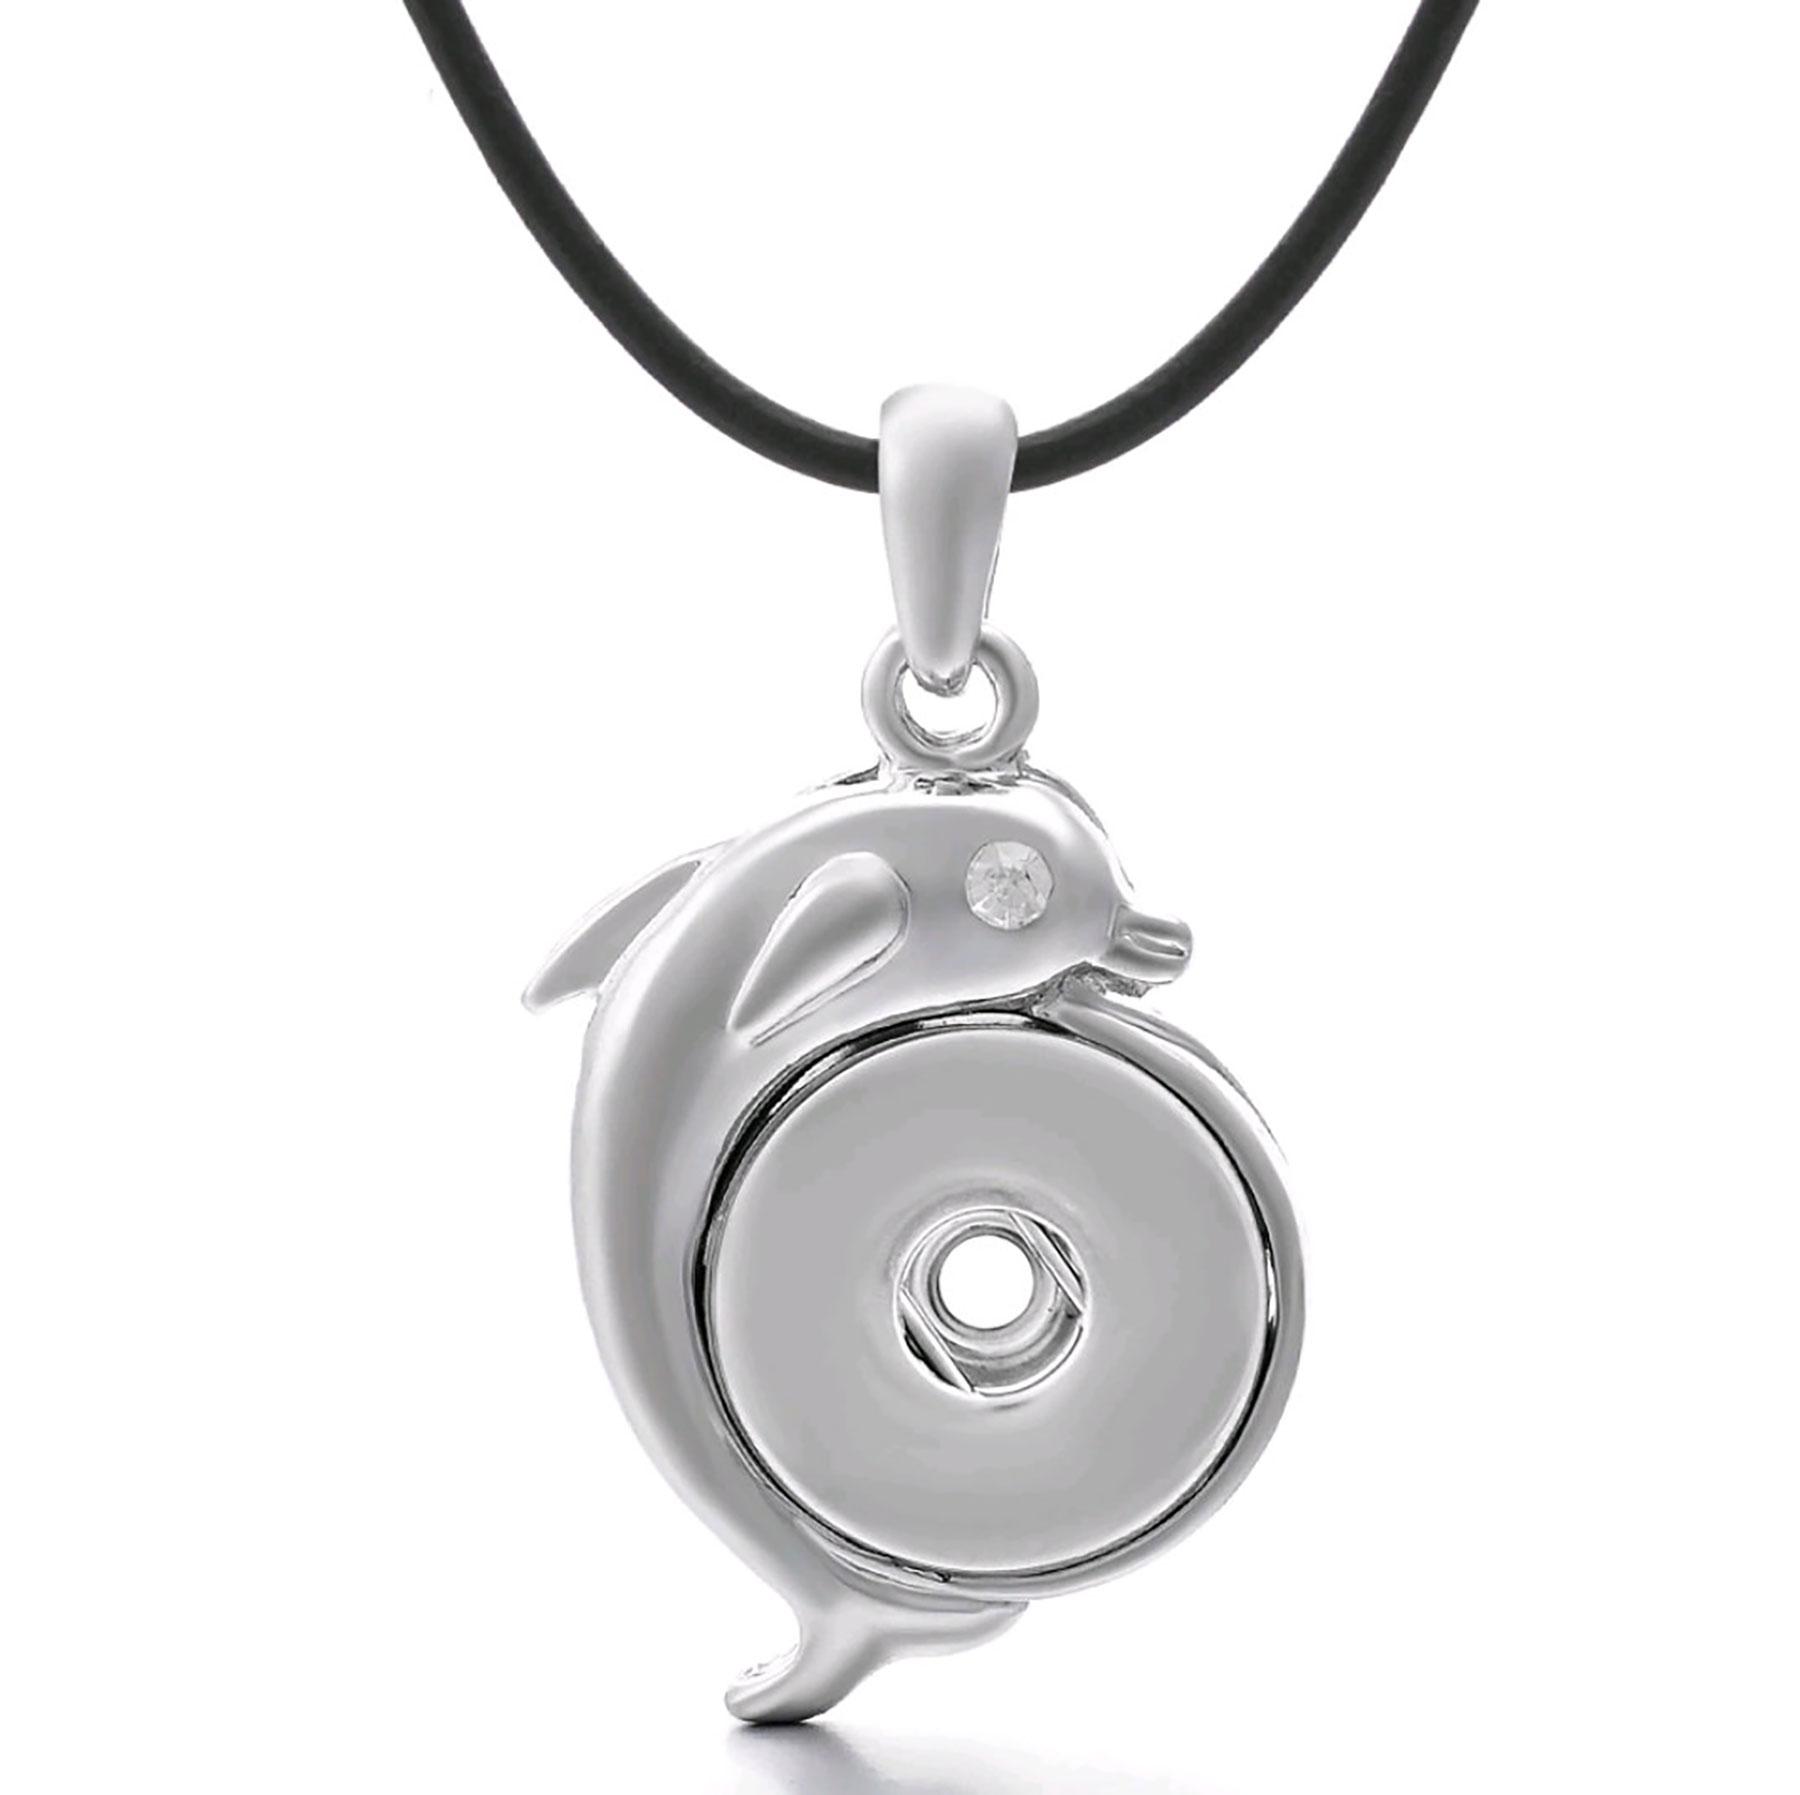 dolphin-pendant